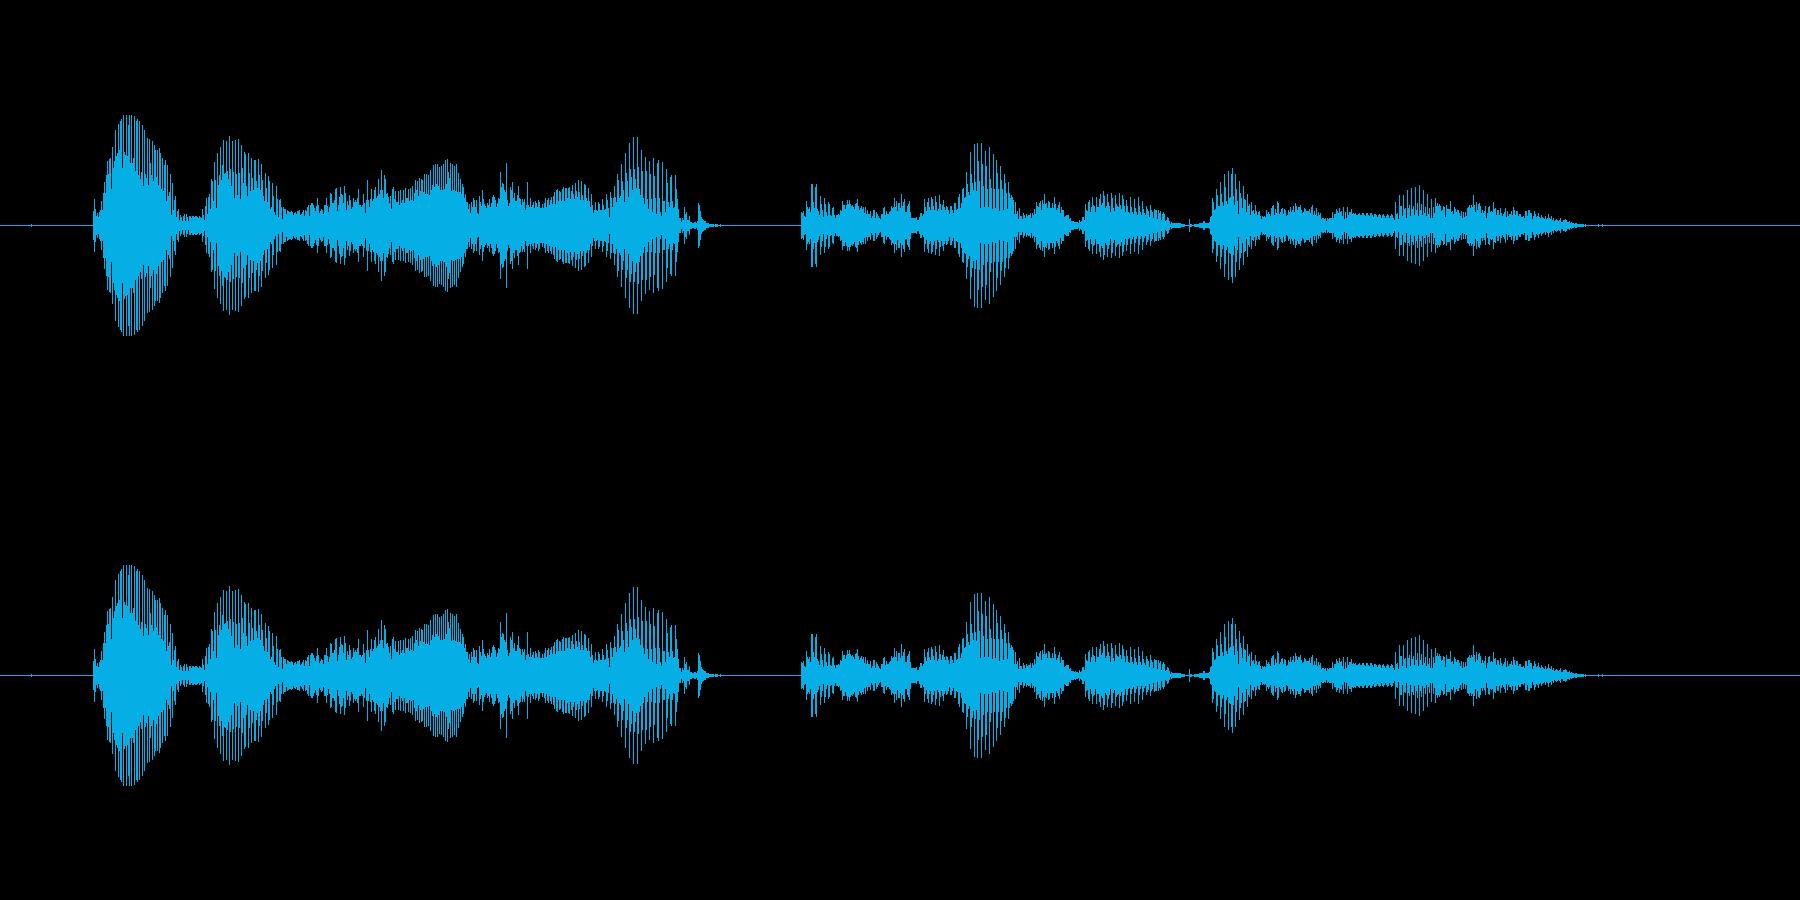 【時報・時間】午後10時を、お知らせい…の再生済みの波形